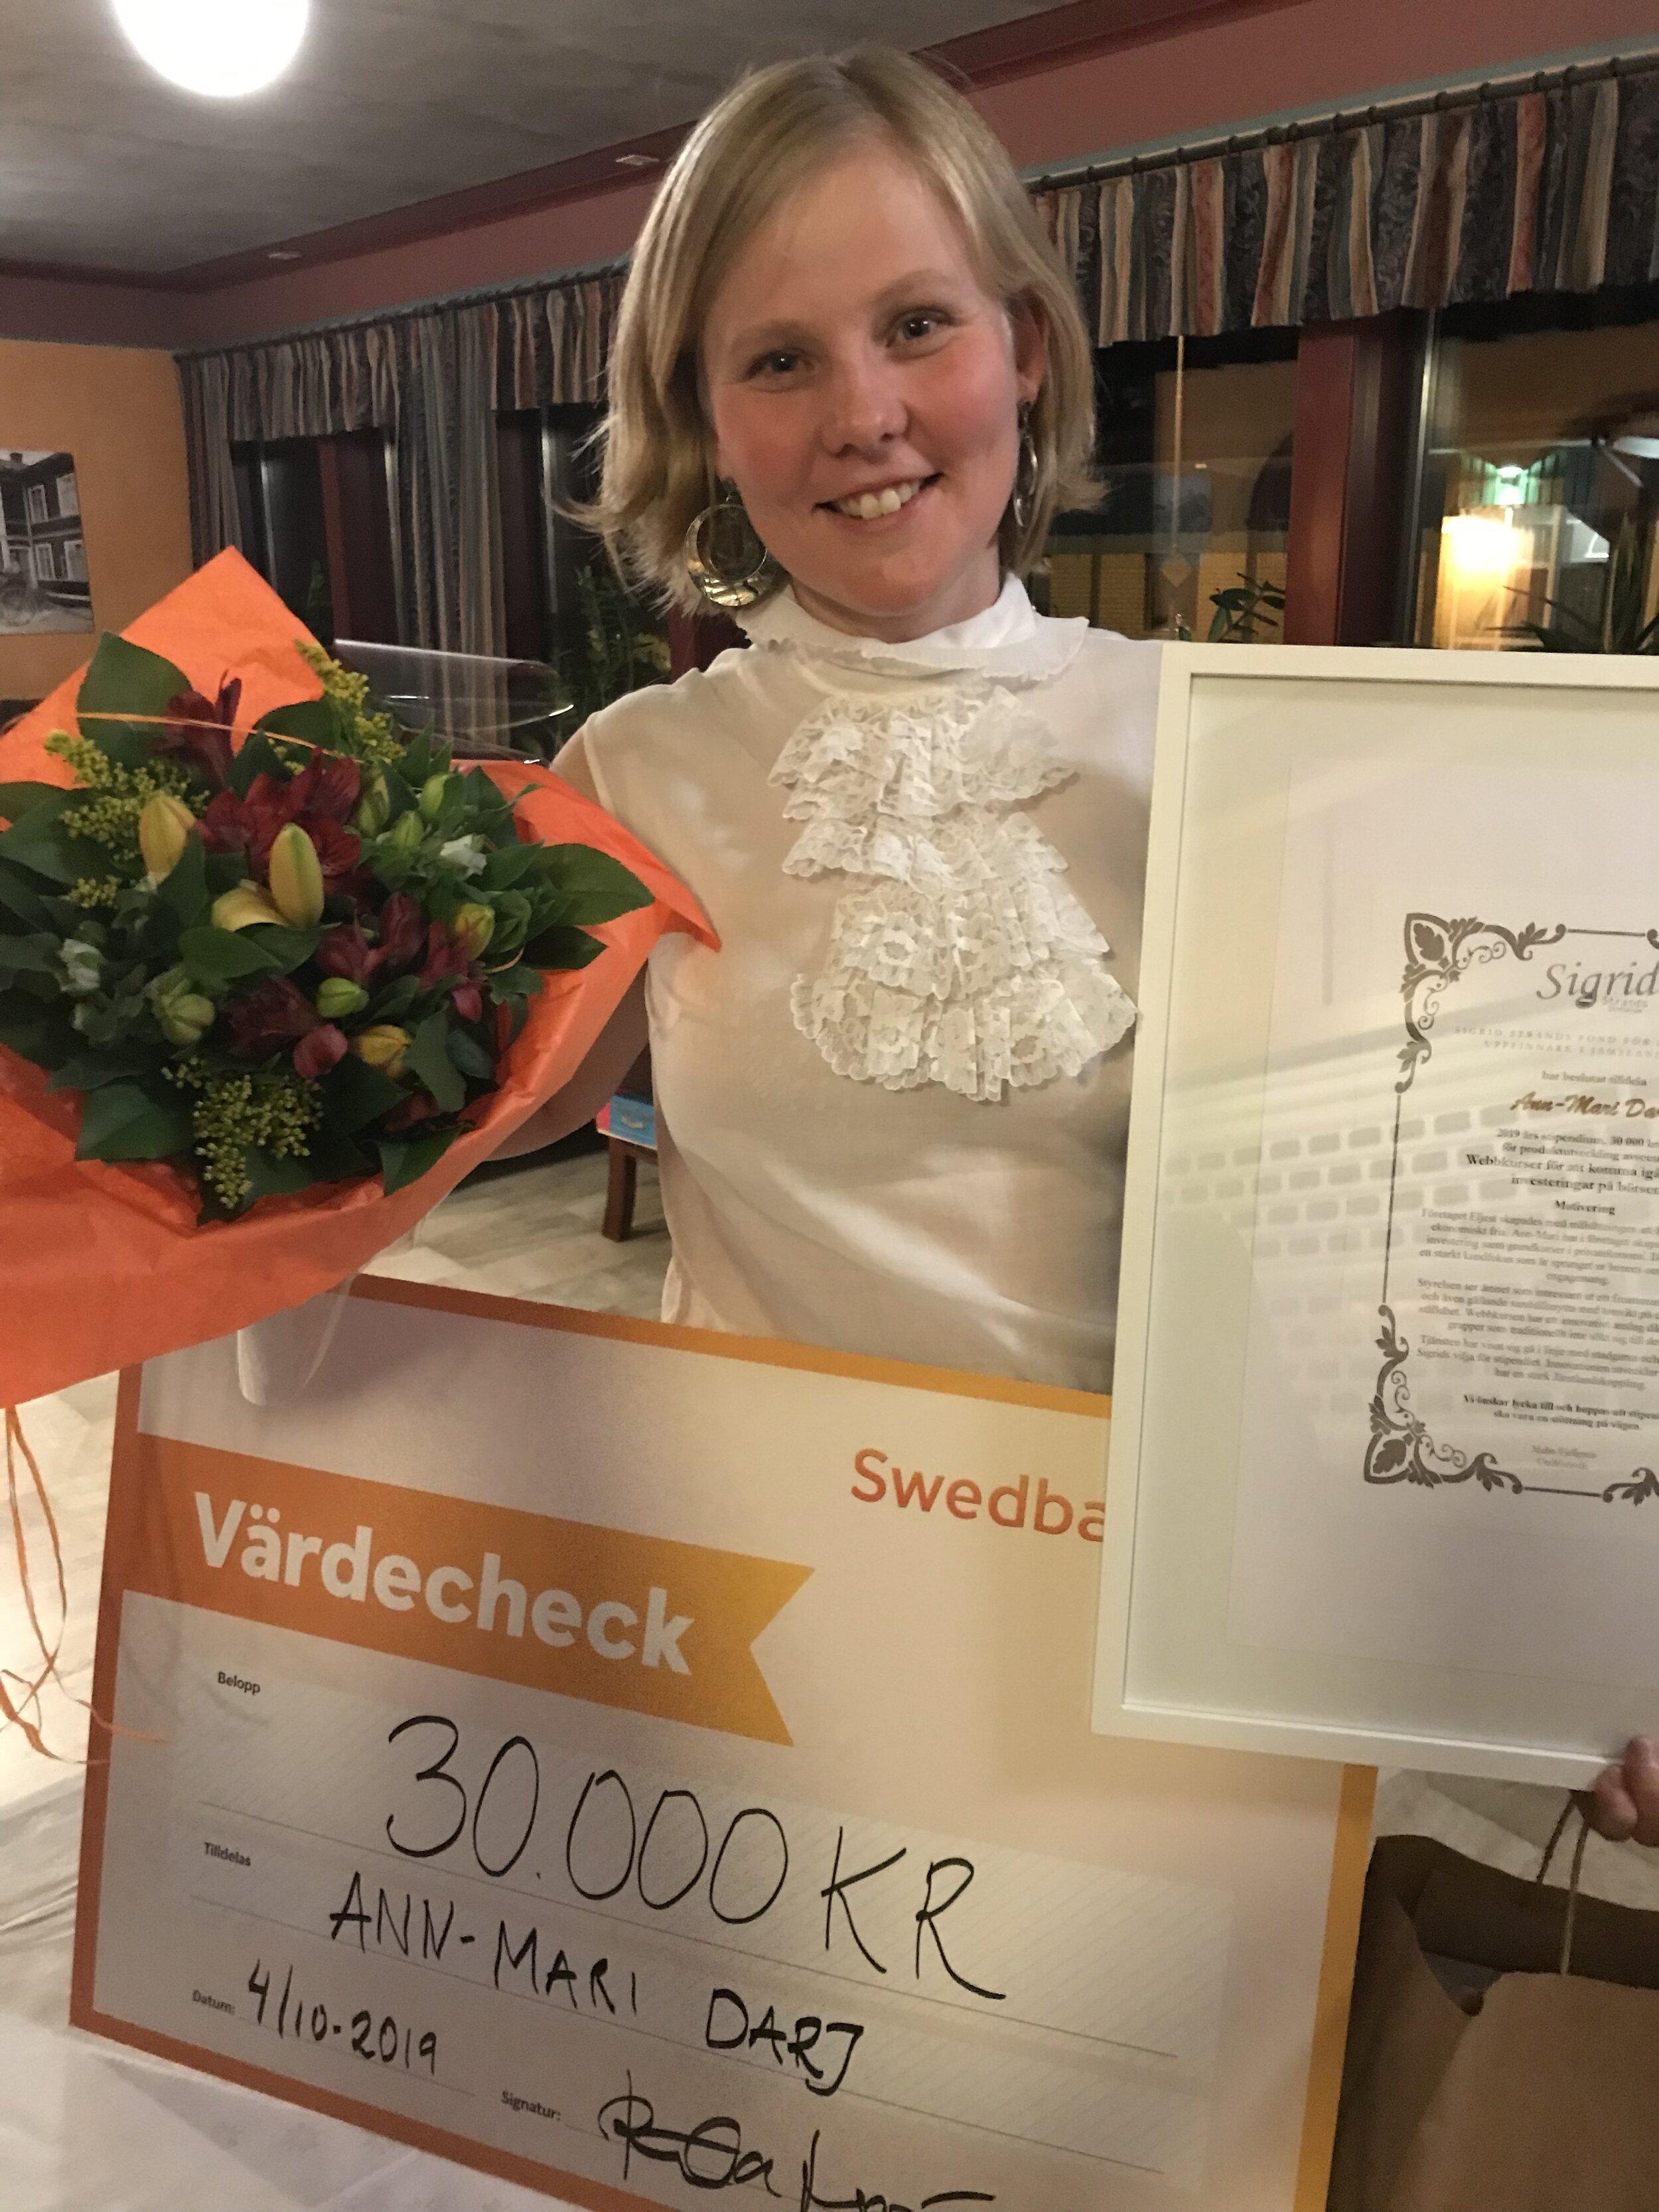 SIGRID STRANDS STIPENDIE - Ann-Mari Darj får Sigrid Strands stipendium 2019 på 30 000 kronor. Priset går till en kvinnlig uppfinnare i Jämtlands län och delades ut i samband med företagsgalan i Sveg den 4 oktober.Läs mer på Härjedalens kommun och om priset på sigridstrand.se